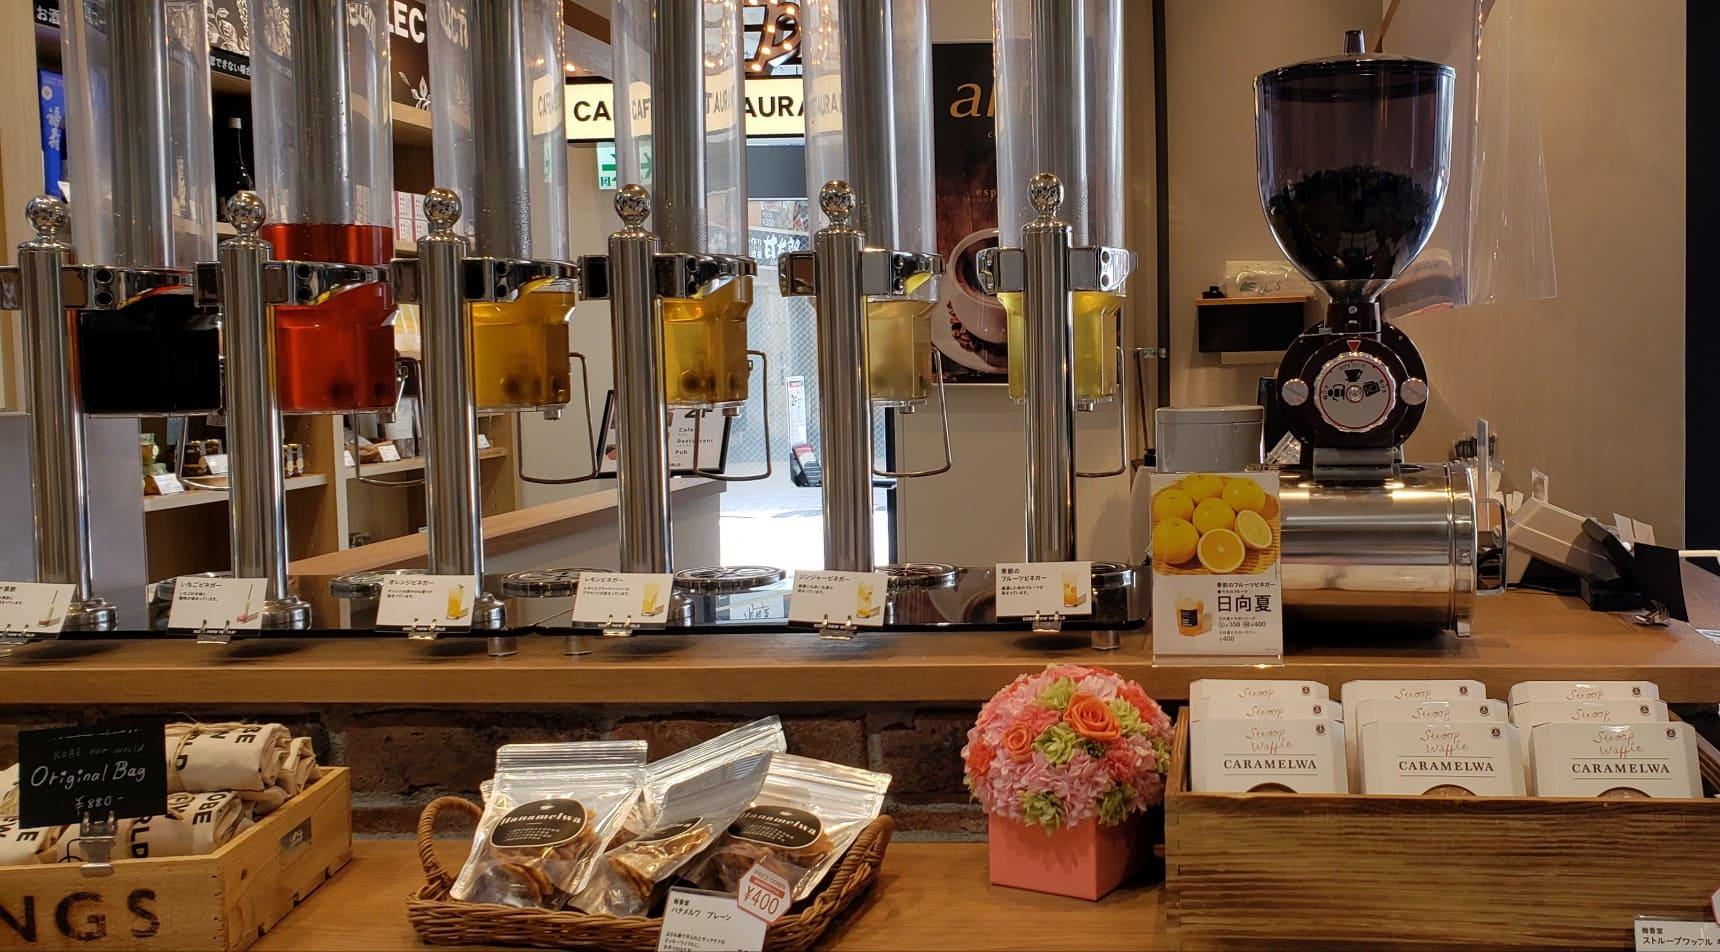 コーヒー、紅茶、季節のフルーツビネガー、ジンジャービネガー、 レモンビネガー、オレンジビネガー、イチゴビネガー、等、種類が豊富です。